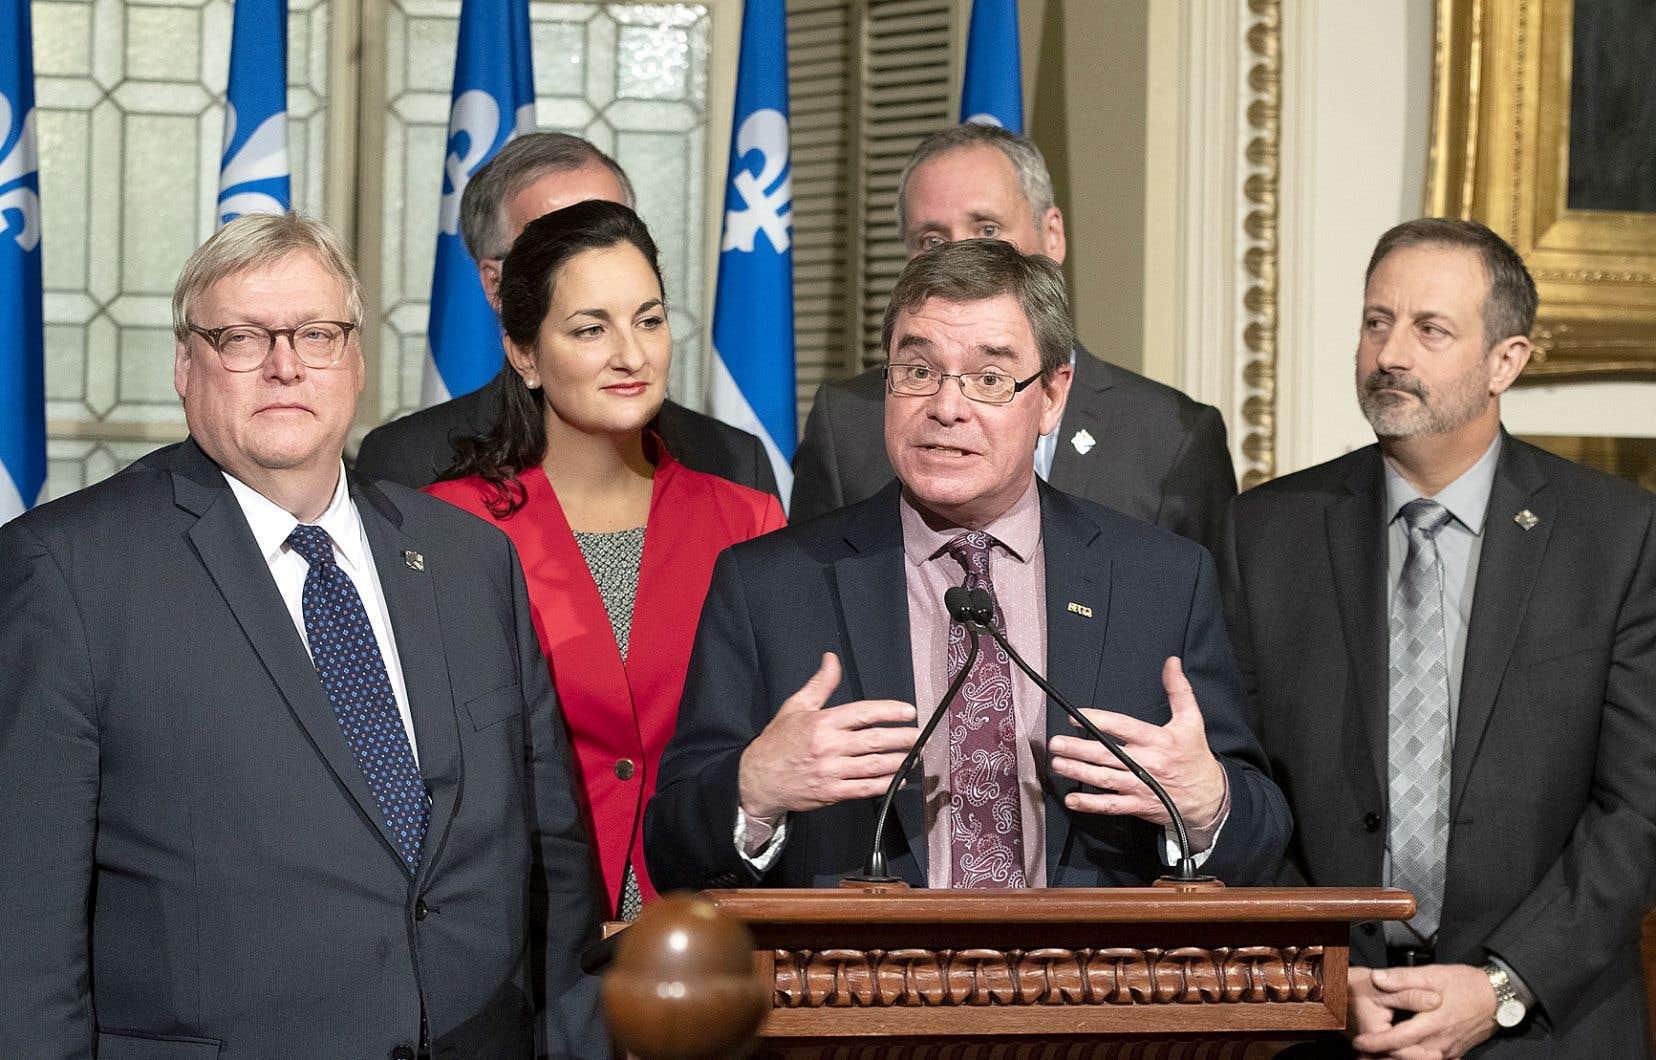 Les partis de l'opposition se sont associés à la démarche du SPGQ, représenté ici par son président, Richard Perron.